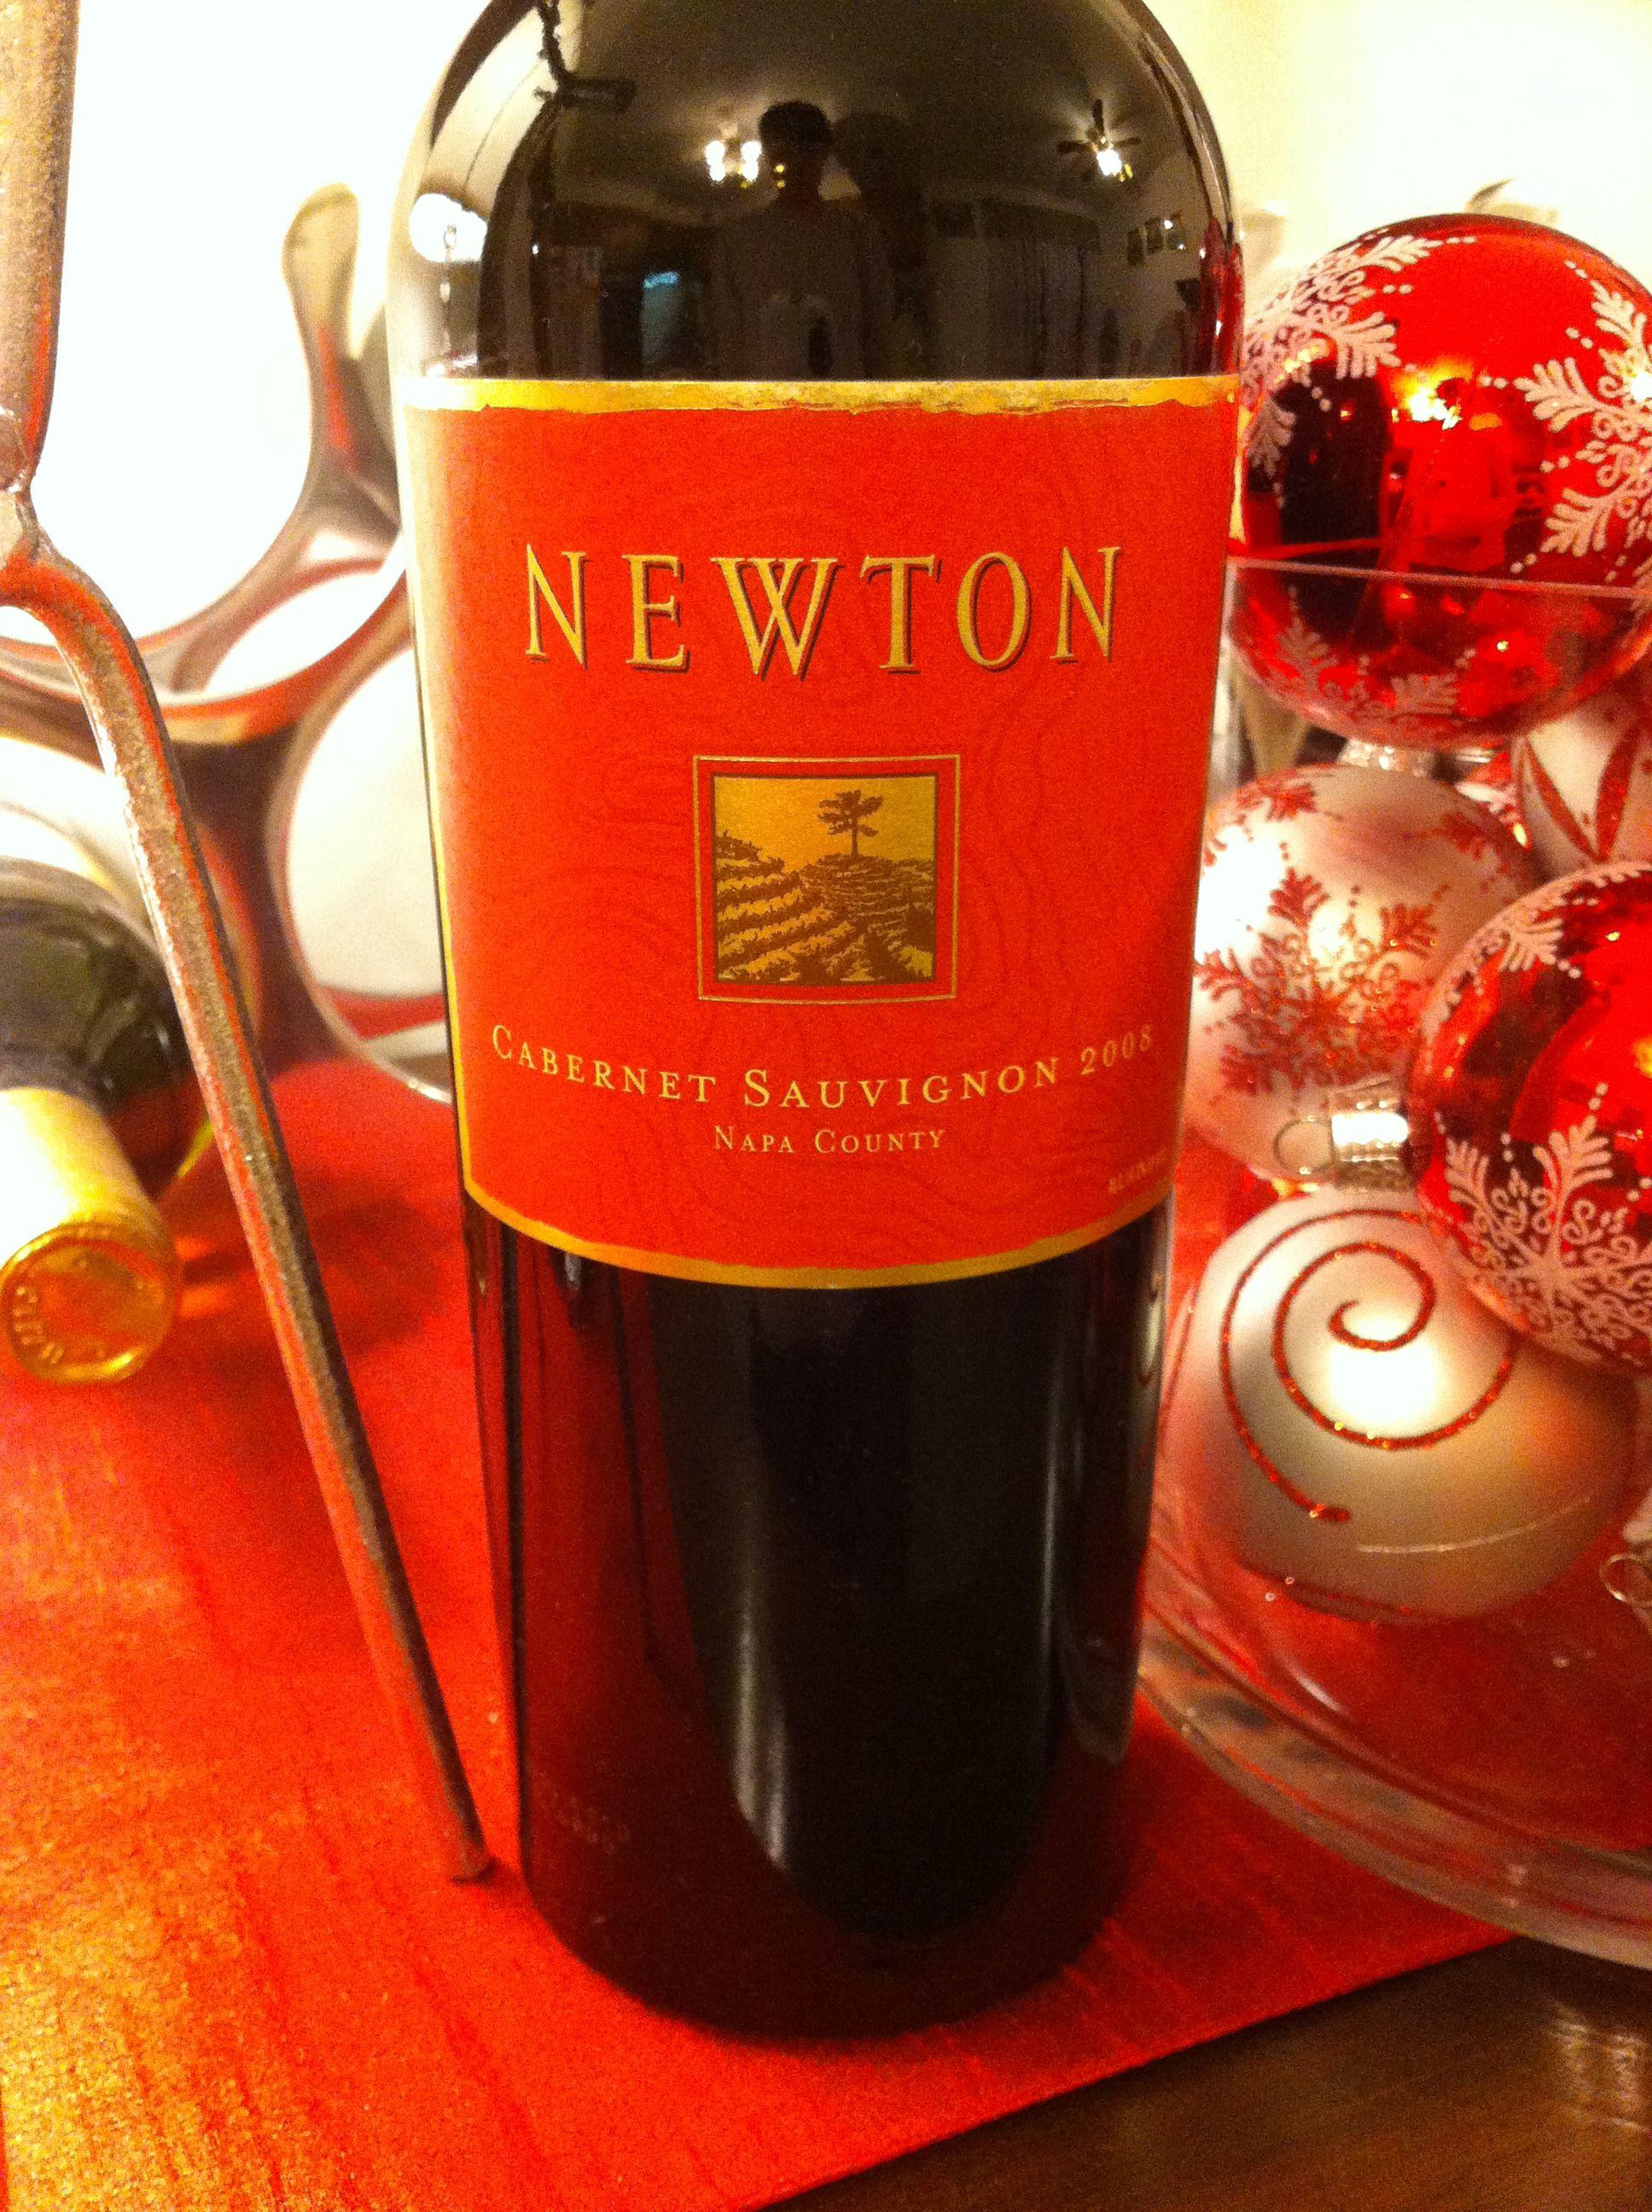 Classic Napa Cab Sauv I Really Enjoyed This Bottle Wine Cocktails Wine Bottle Alcoholic Drinks